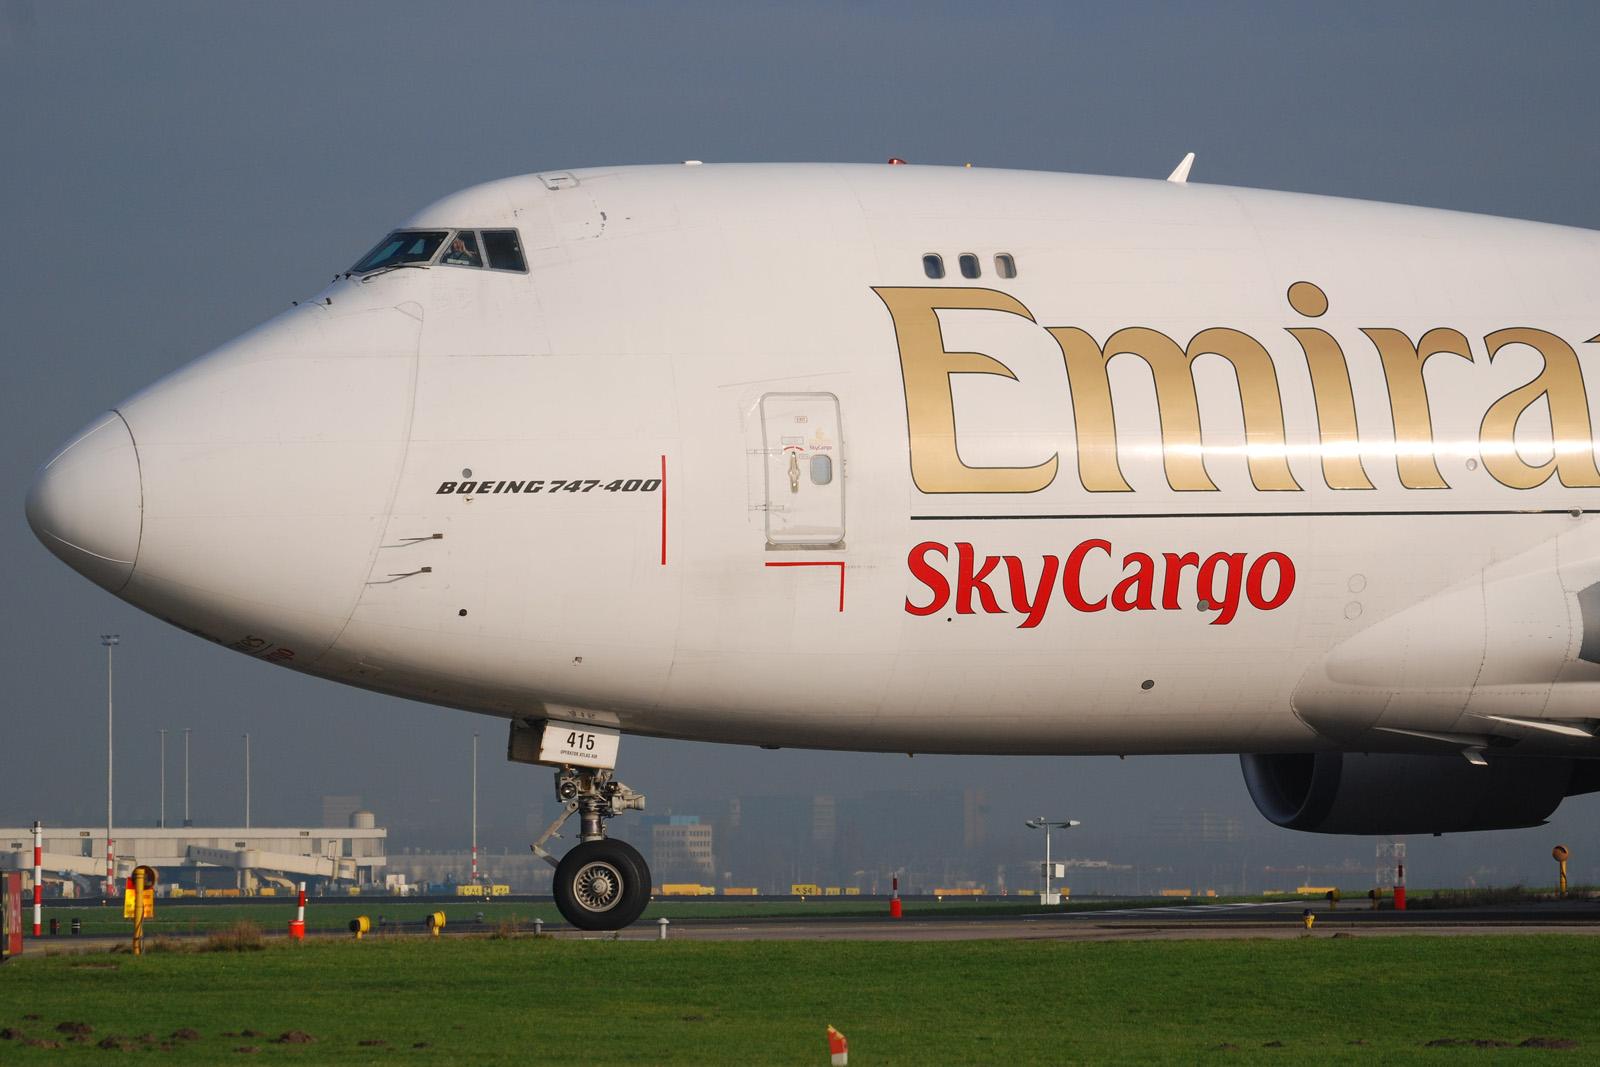 Resultado de imagen para Aerolínea Emirates SkyCargo